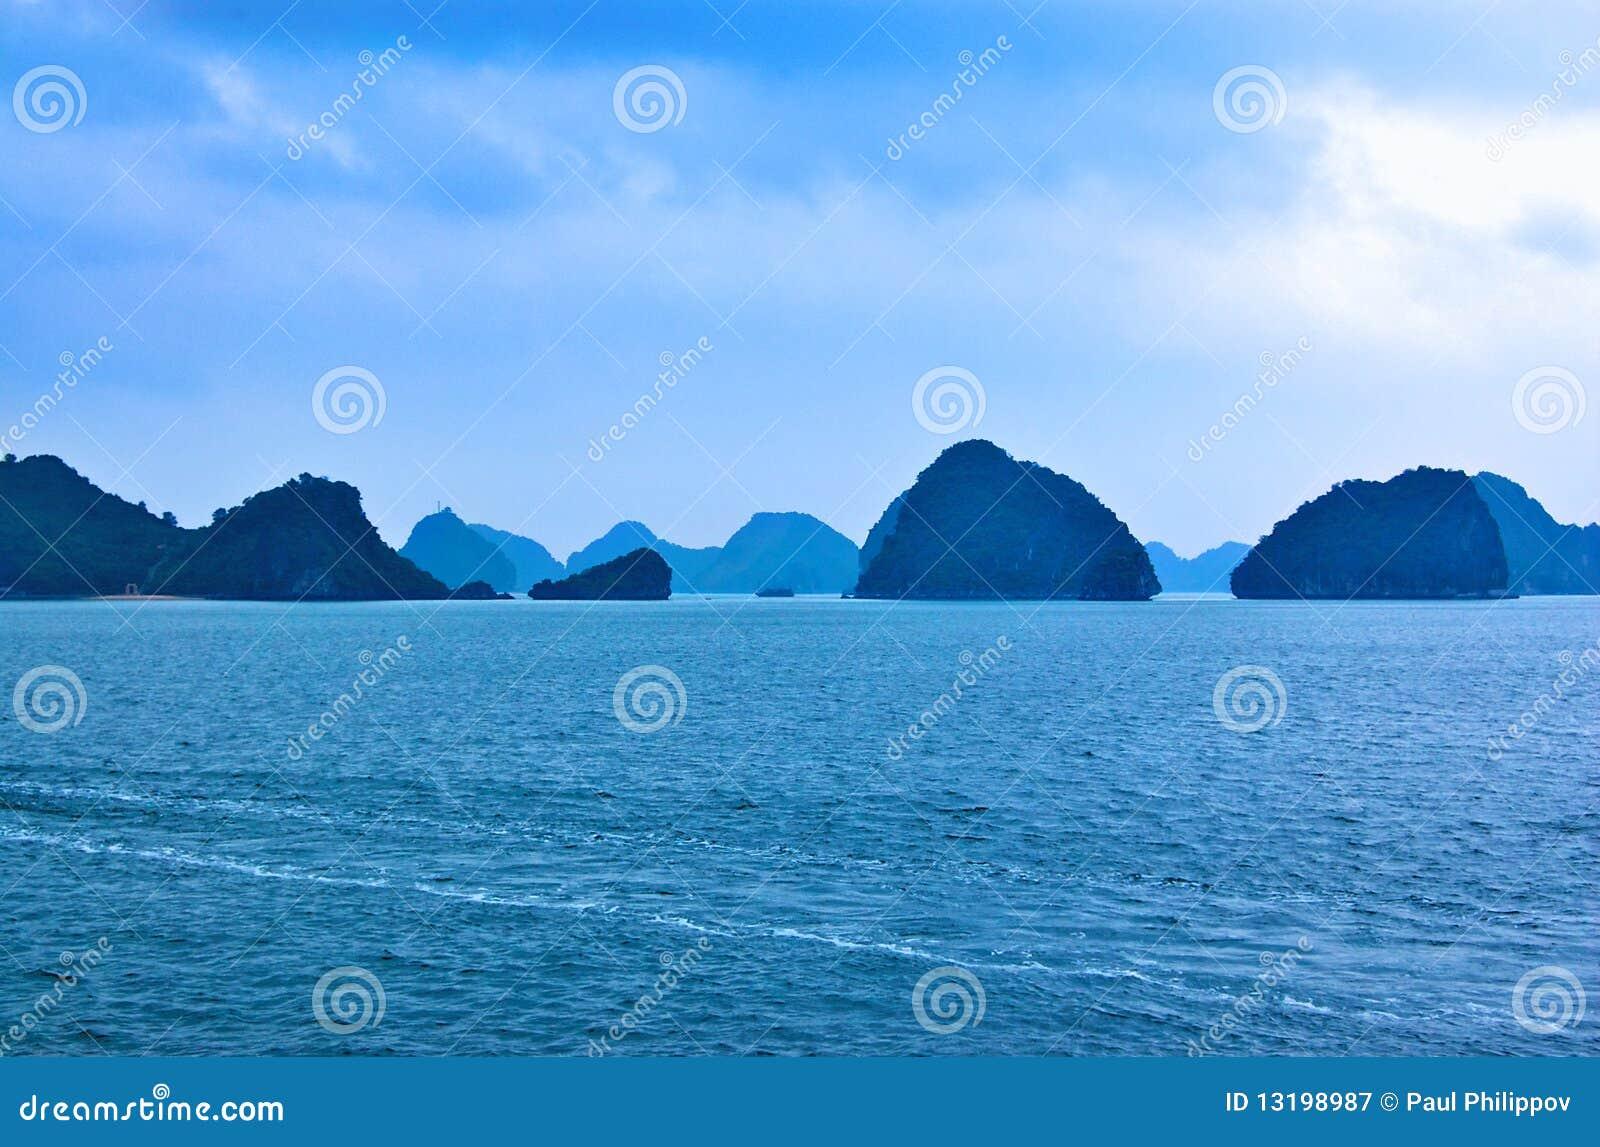 Royalty Free Stock Photography: Misty karst landscape of Ha Long Bay ...